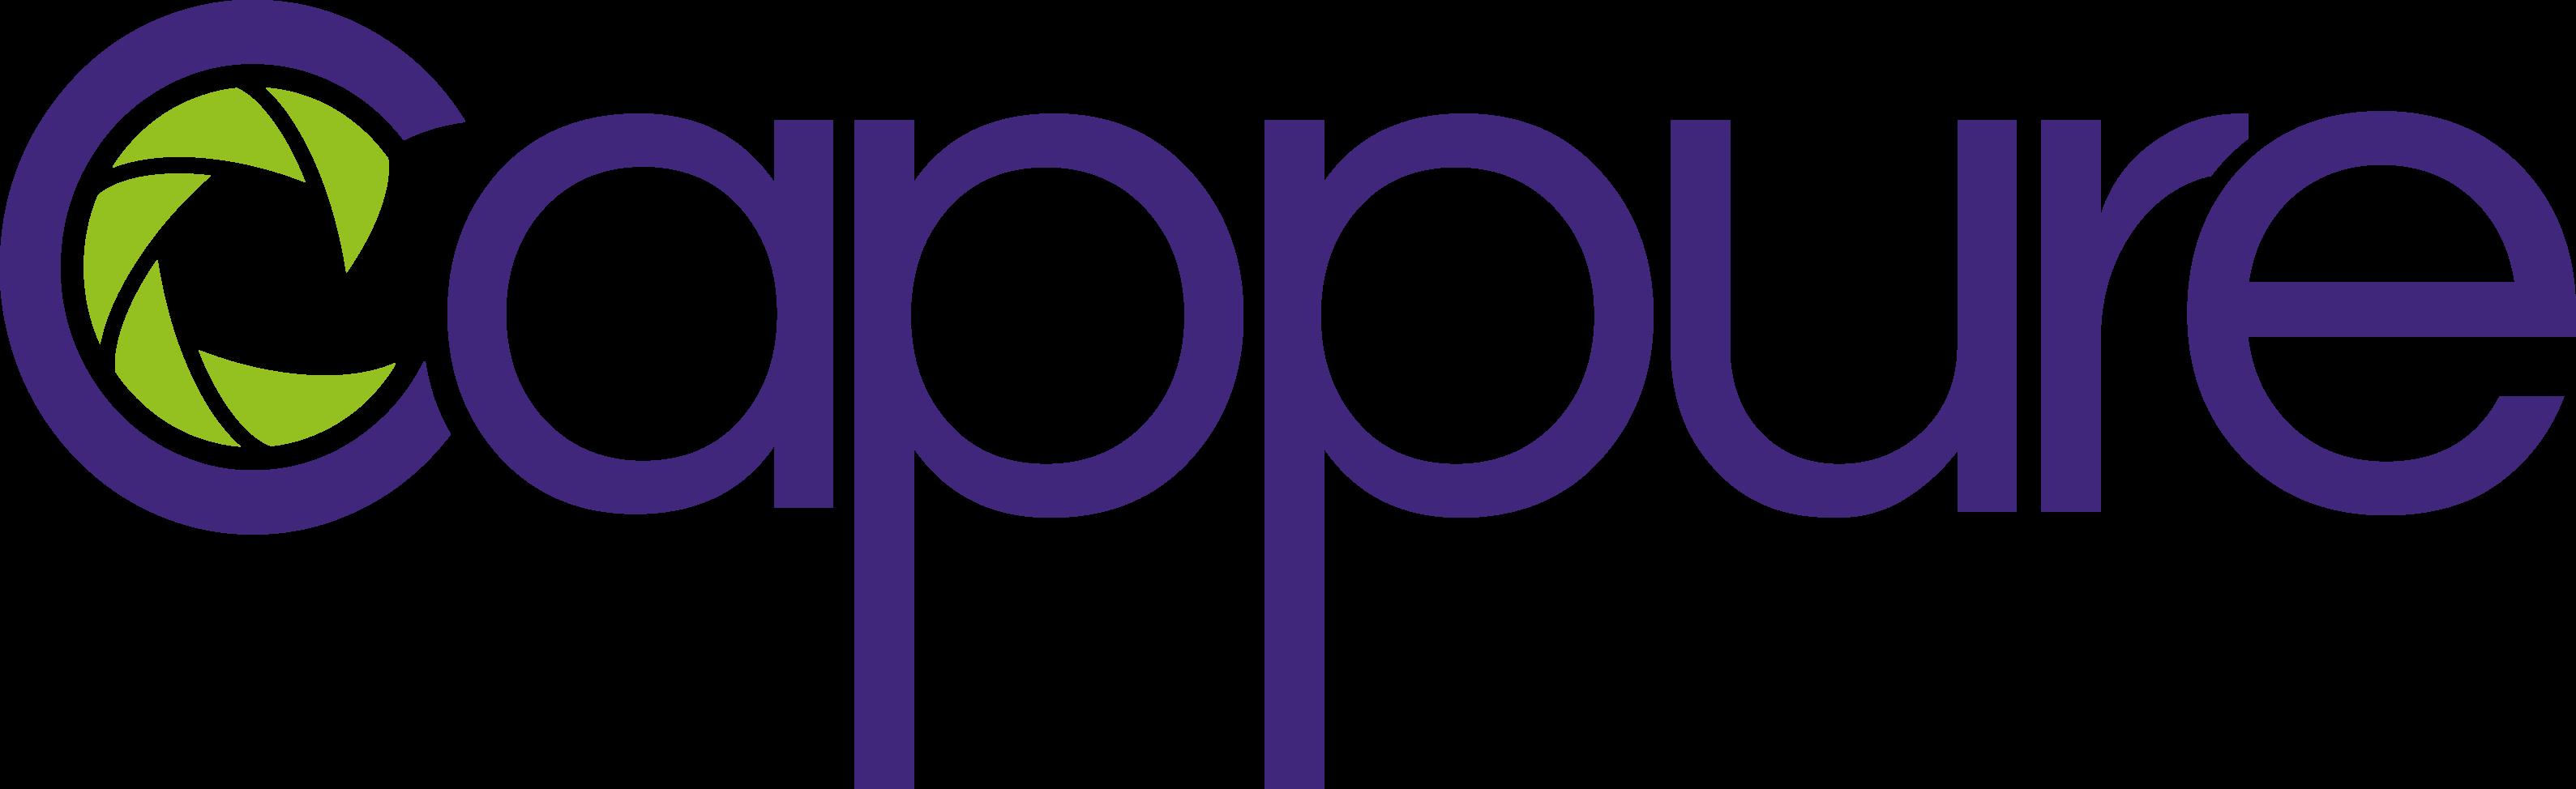 Cappure Video Portfolio